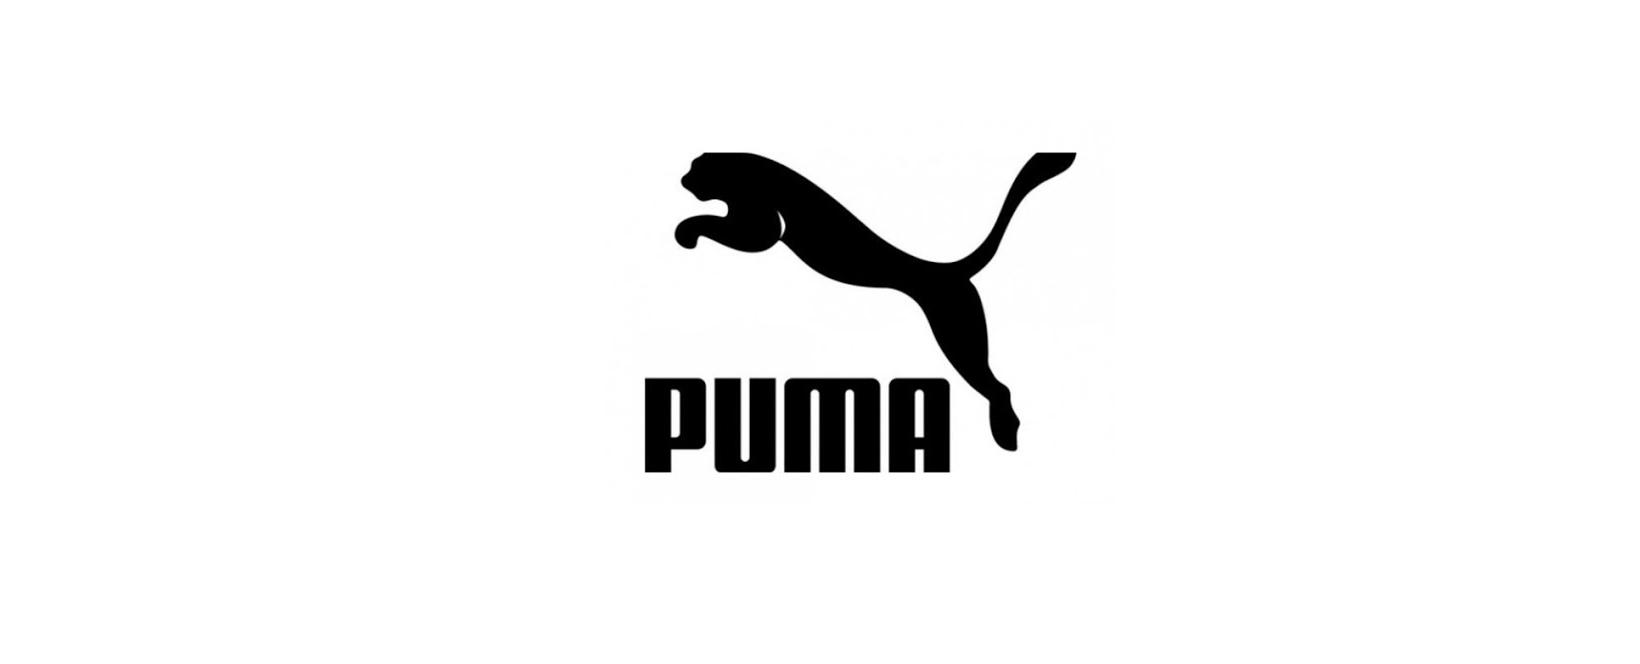 Puma Discount Code 2021